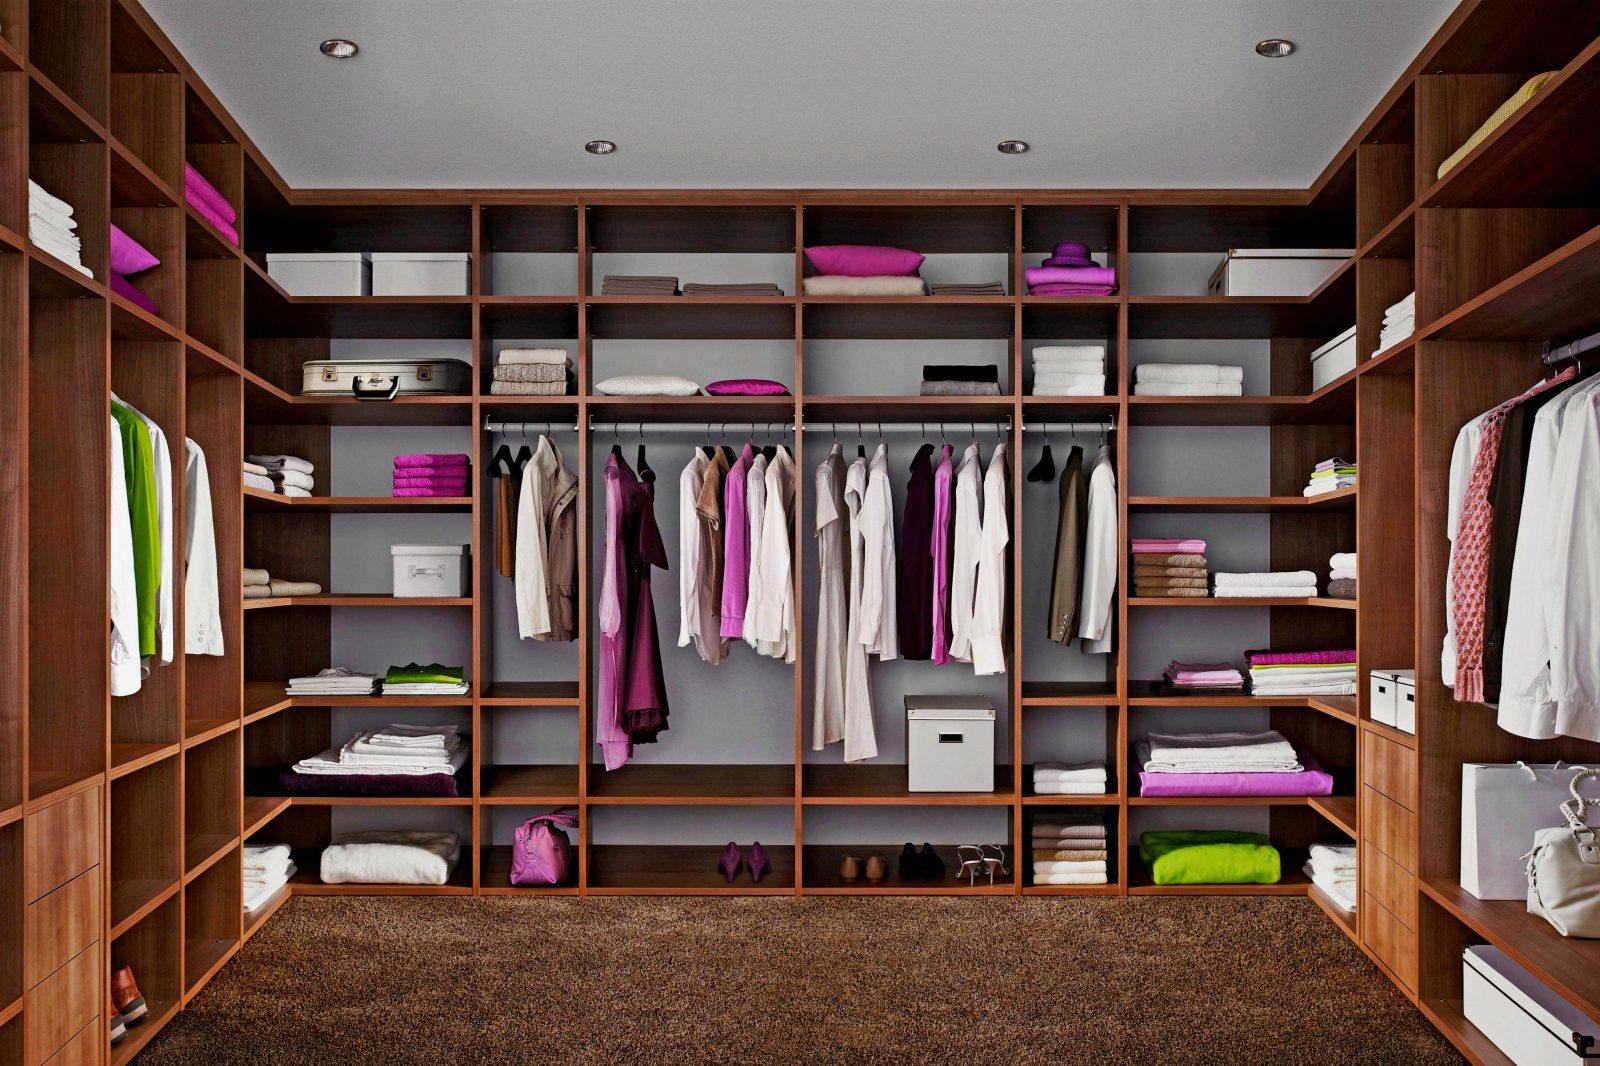 Beste Begehbaren Kleiderschrank Selber Bauen Für Kleiderschrank von Begehbarer Schrank Selber Bauen Bild